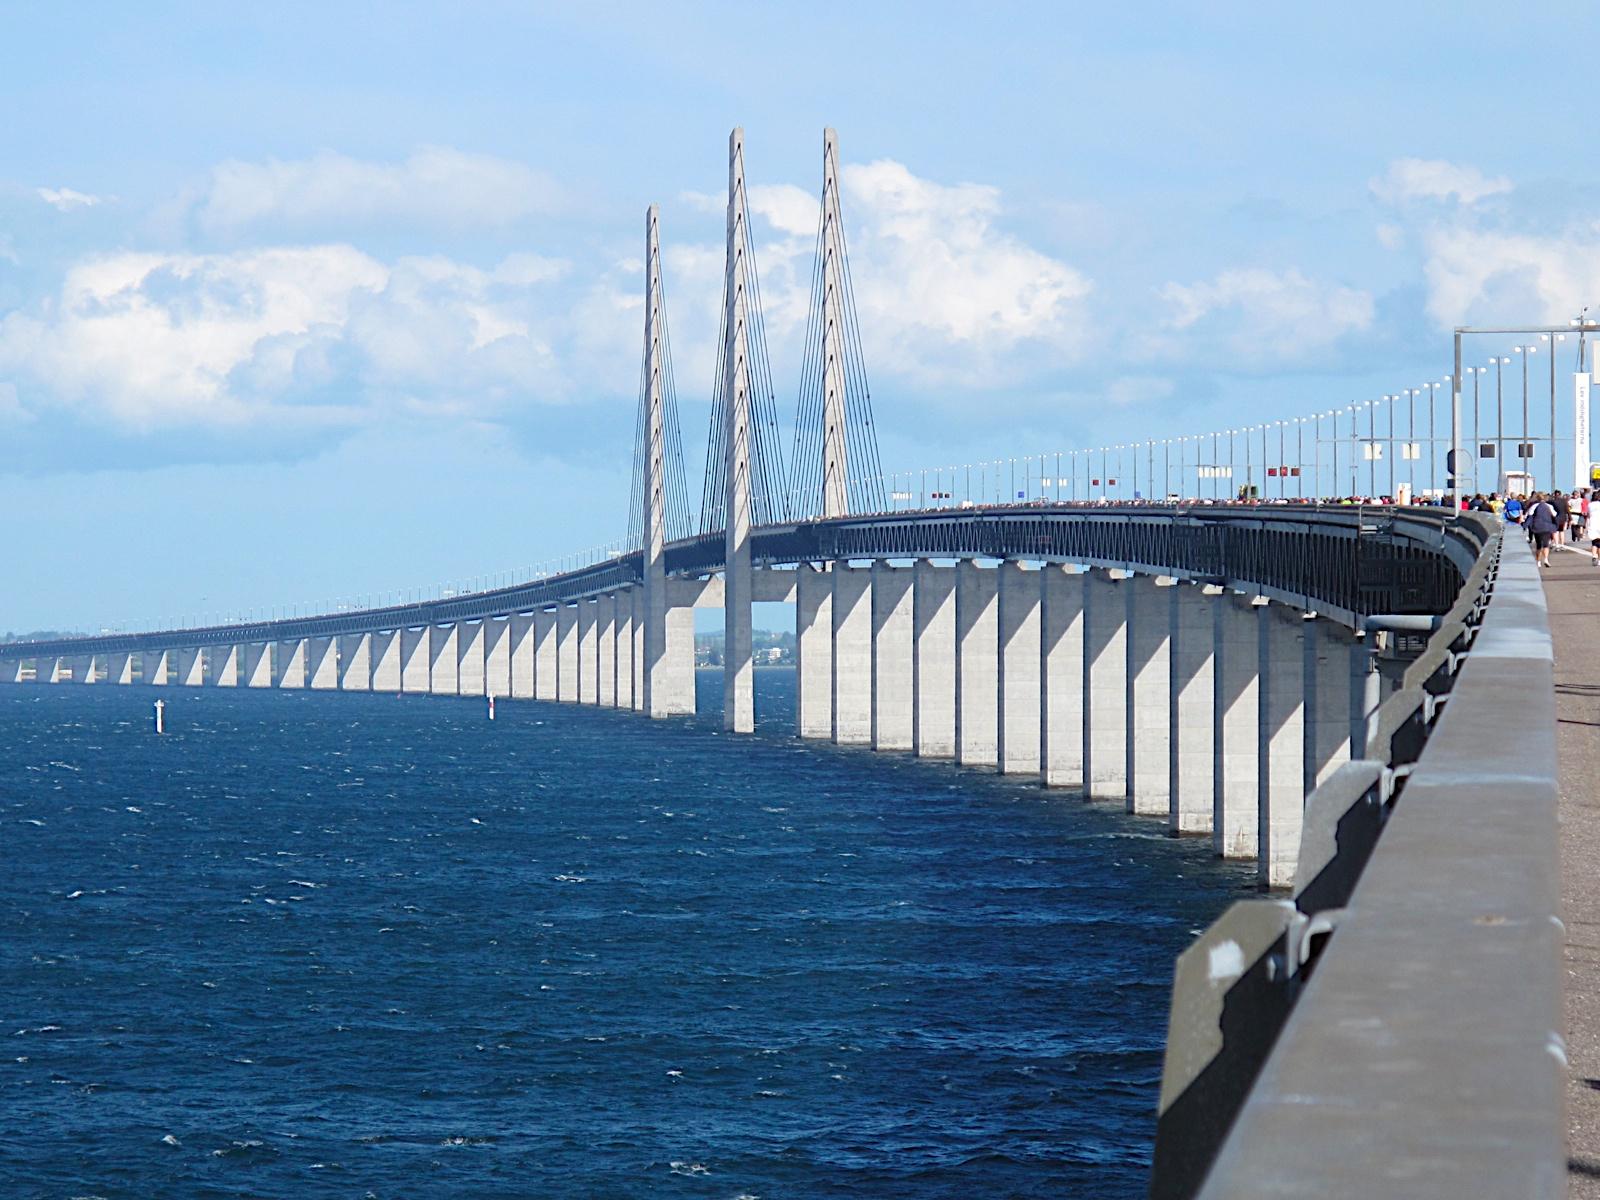 В день проведения полумарафонского забега мост превращается в пешеходную зону. Источник https://upload.wikimedia.org/